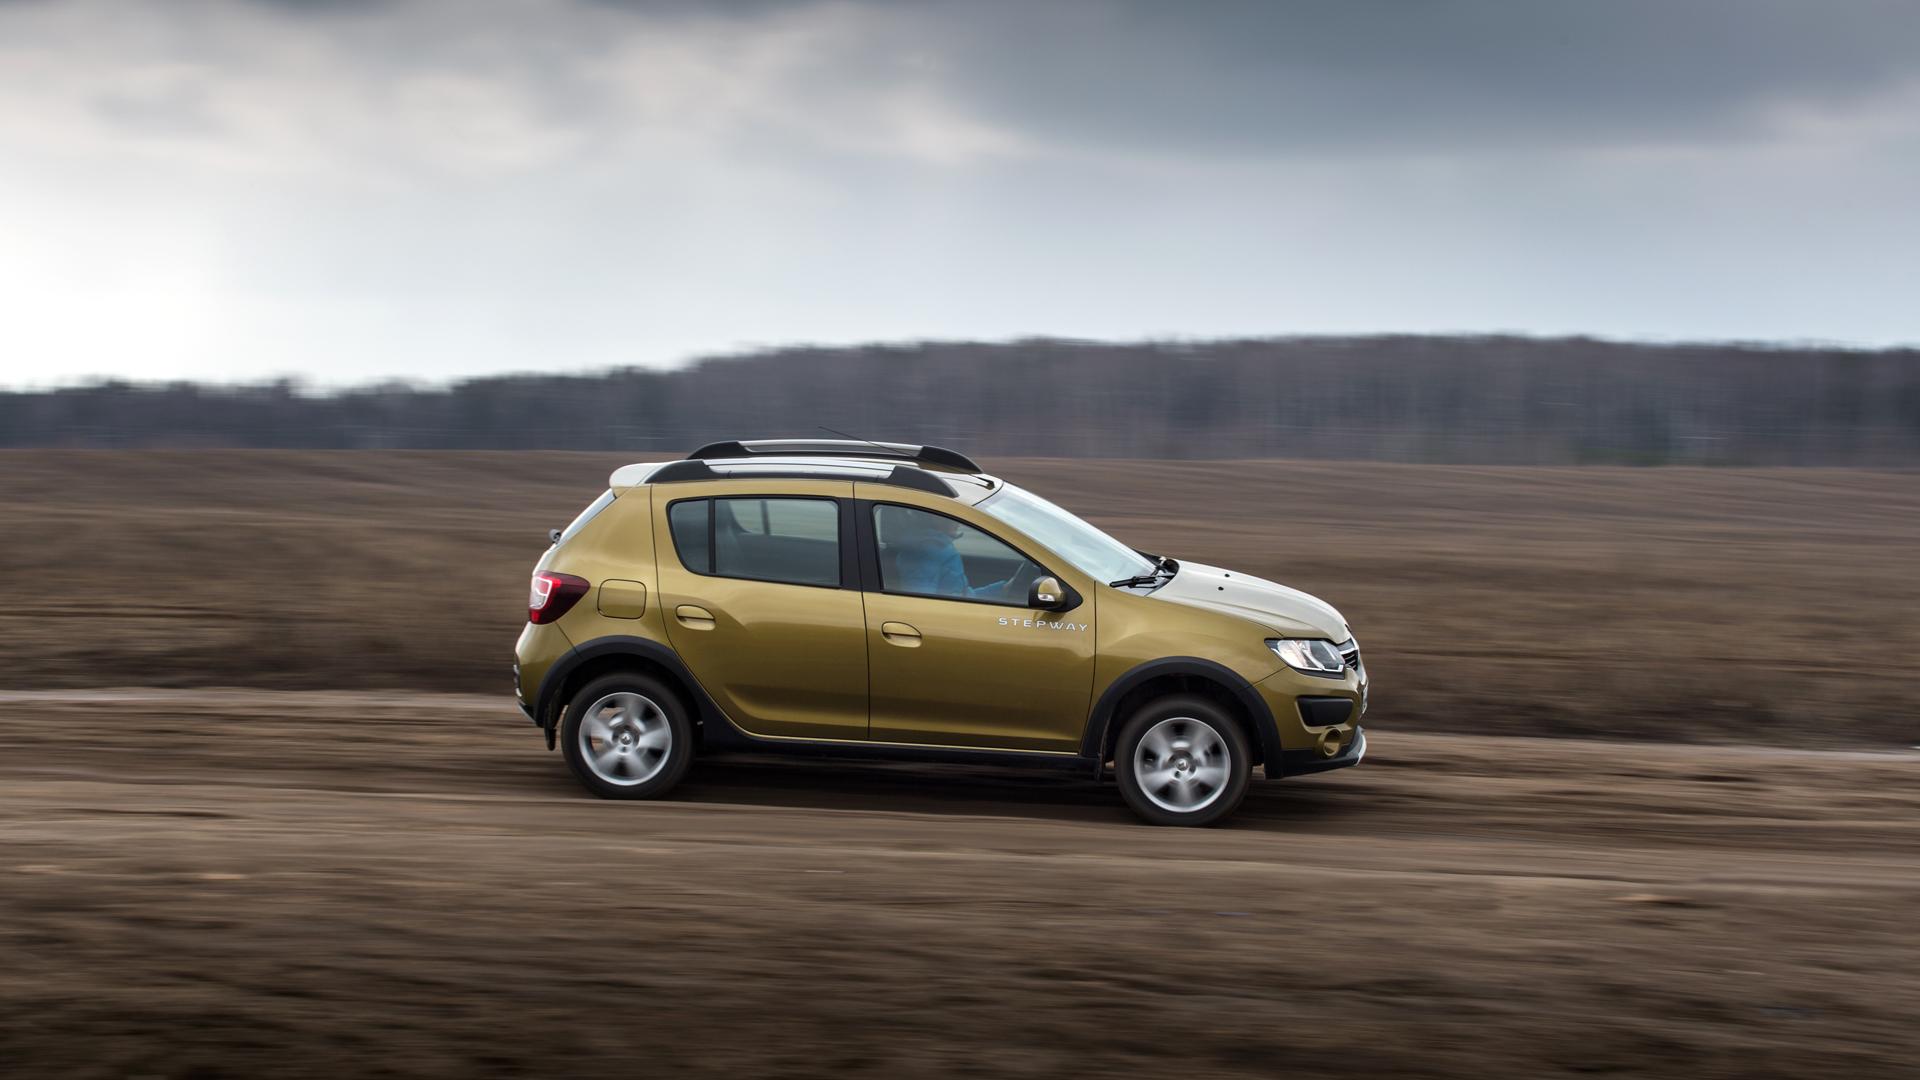 Улучшение слуха и вправление суставов – длительный тест Renault Sandero Stepway. Фото 4